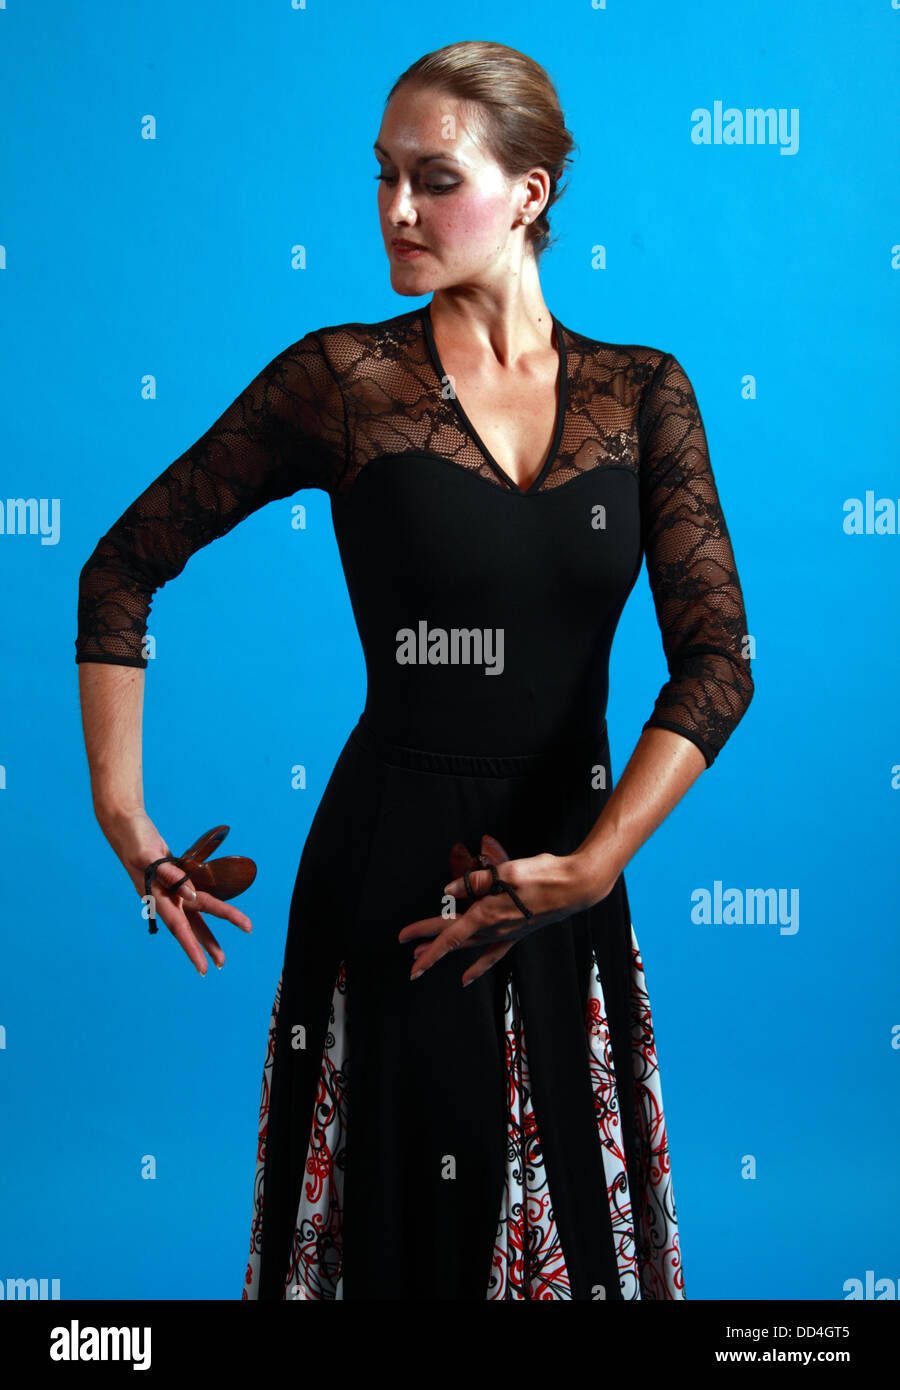 Laden Sie dieses Alamy Stockfoto Flamenco Tanz bewegt, Dame in einem schwarzen Kleid mit Ventilator - DD4GT5